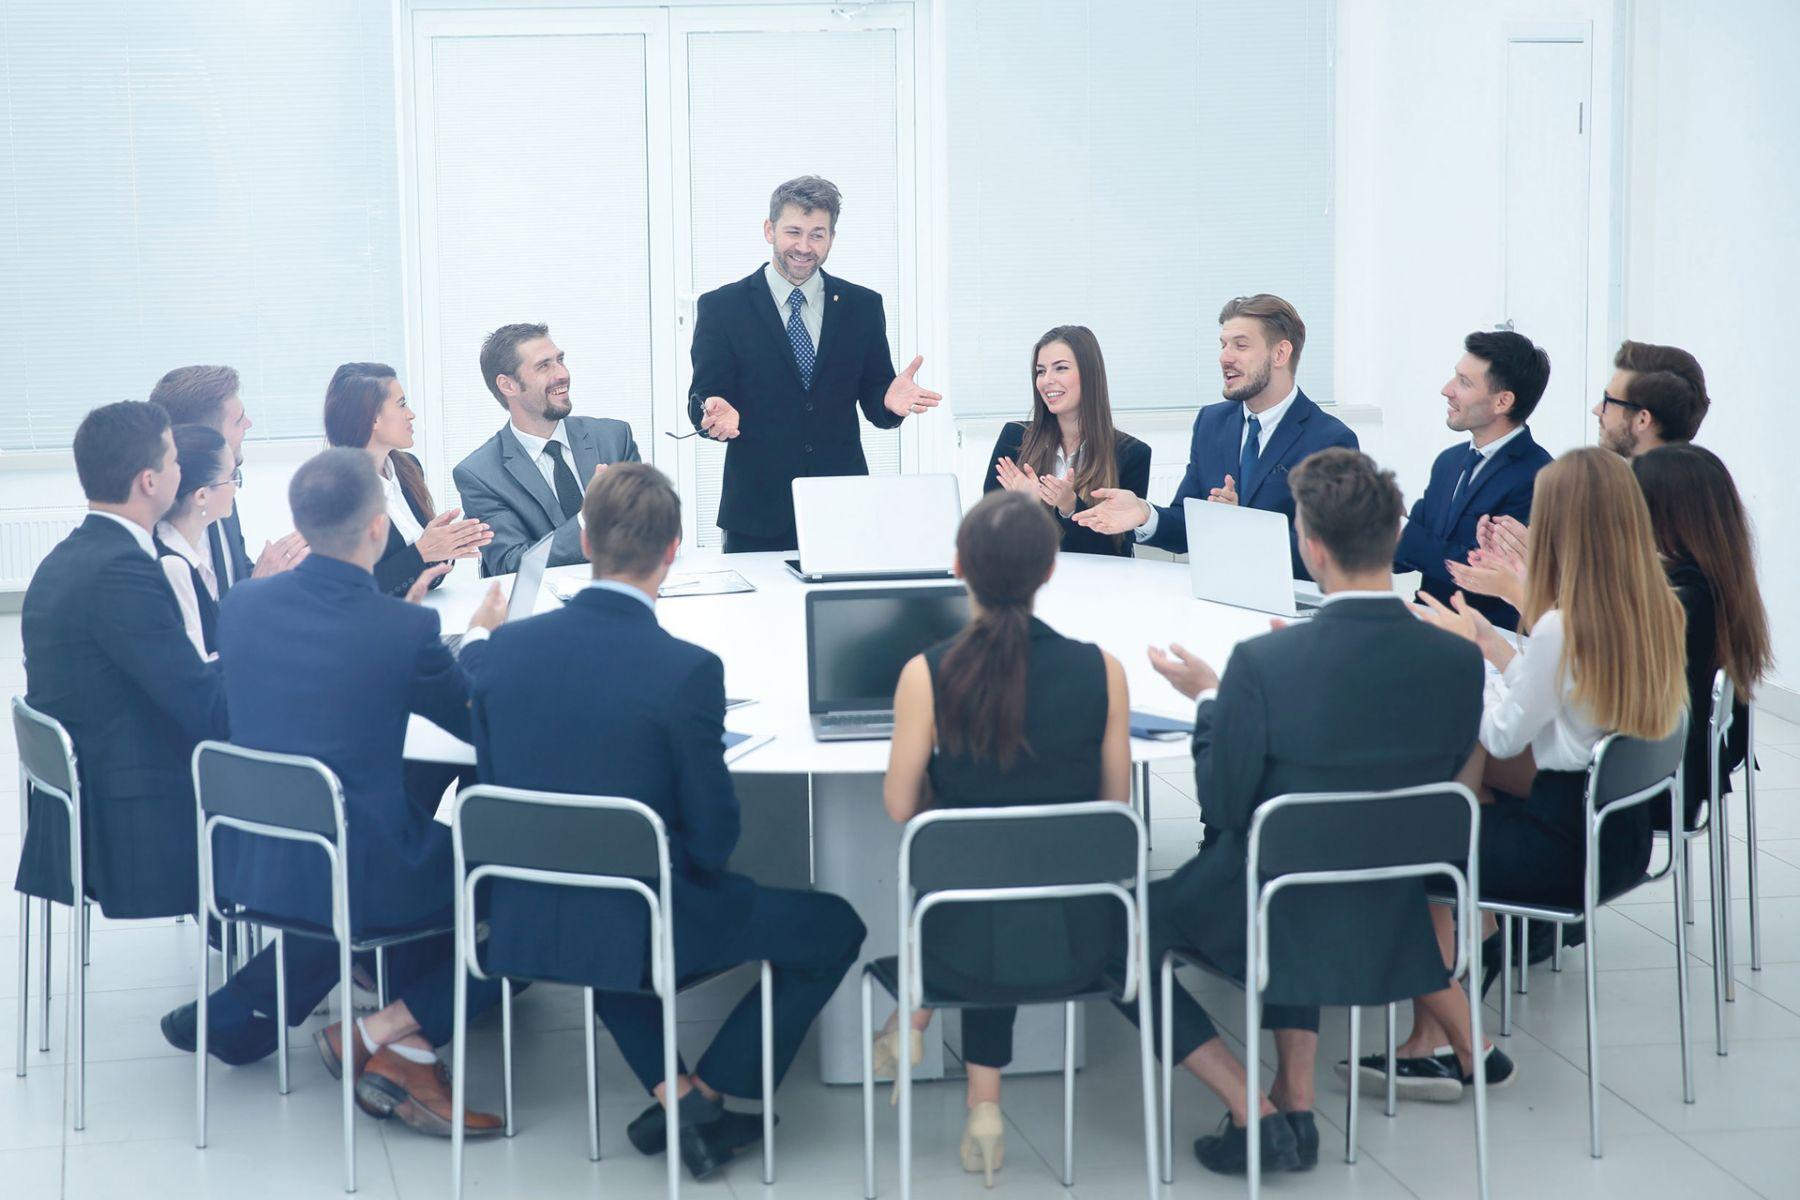 企業成功新定義:88%千禧世代看重「企業社會責任」